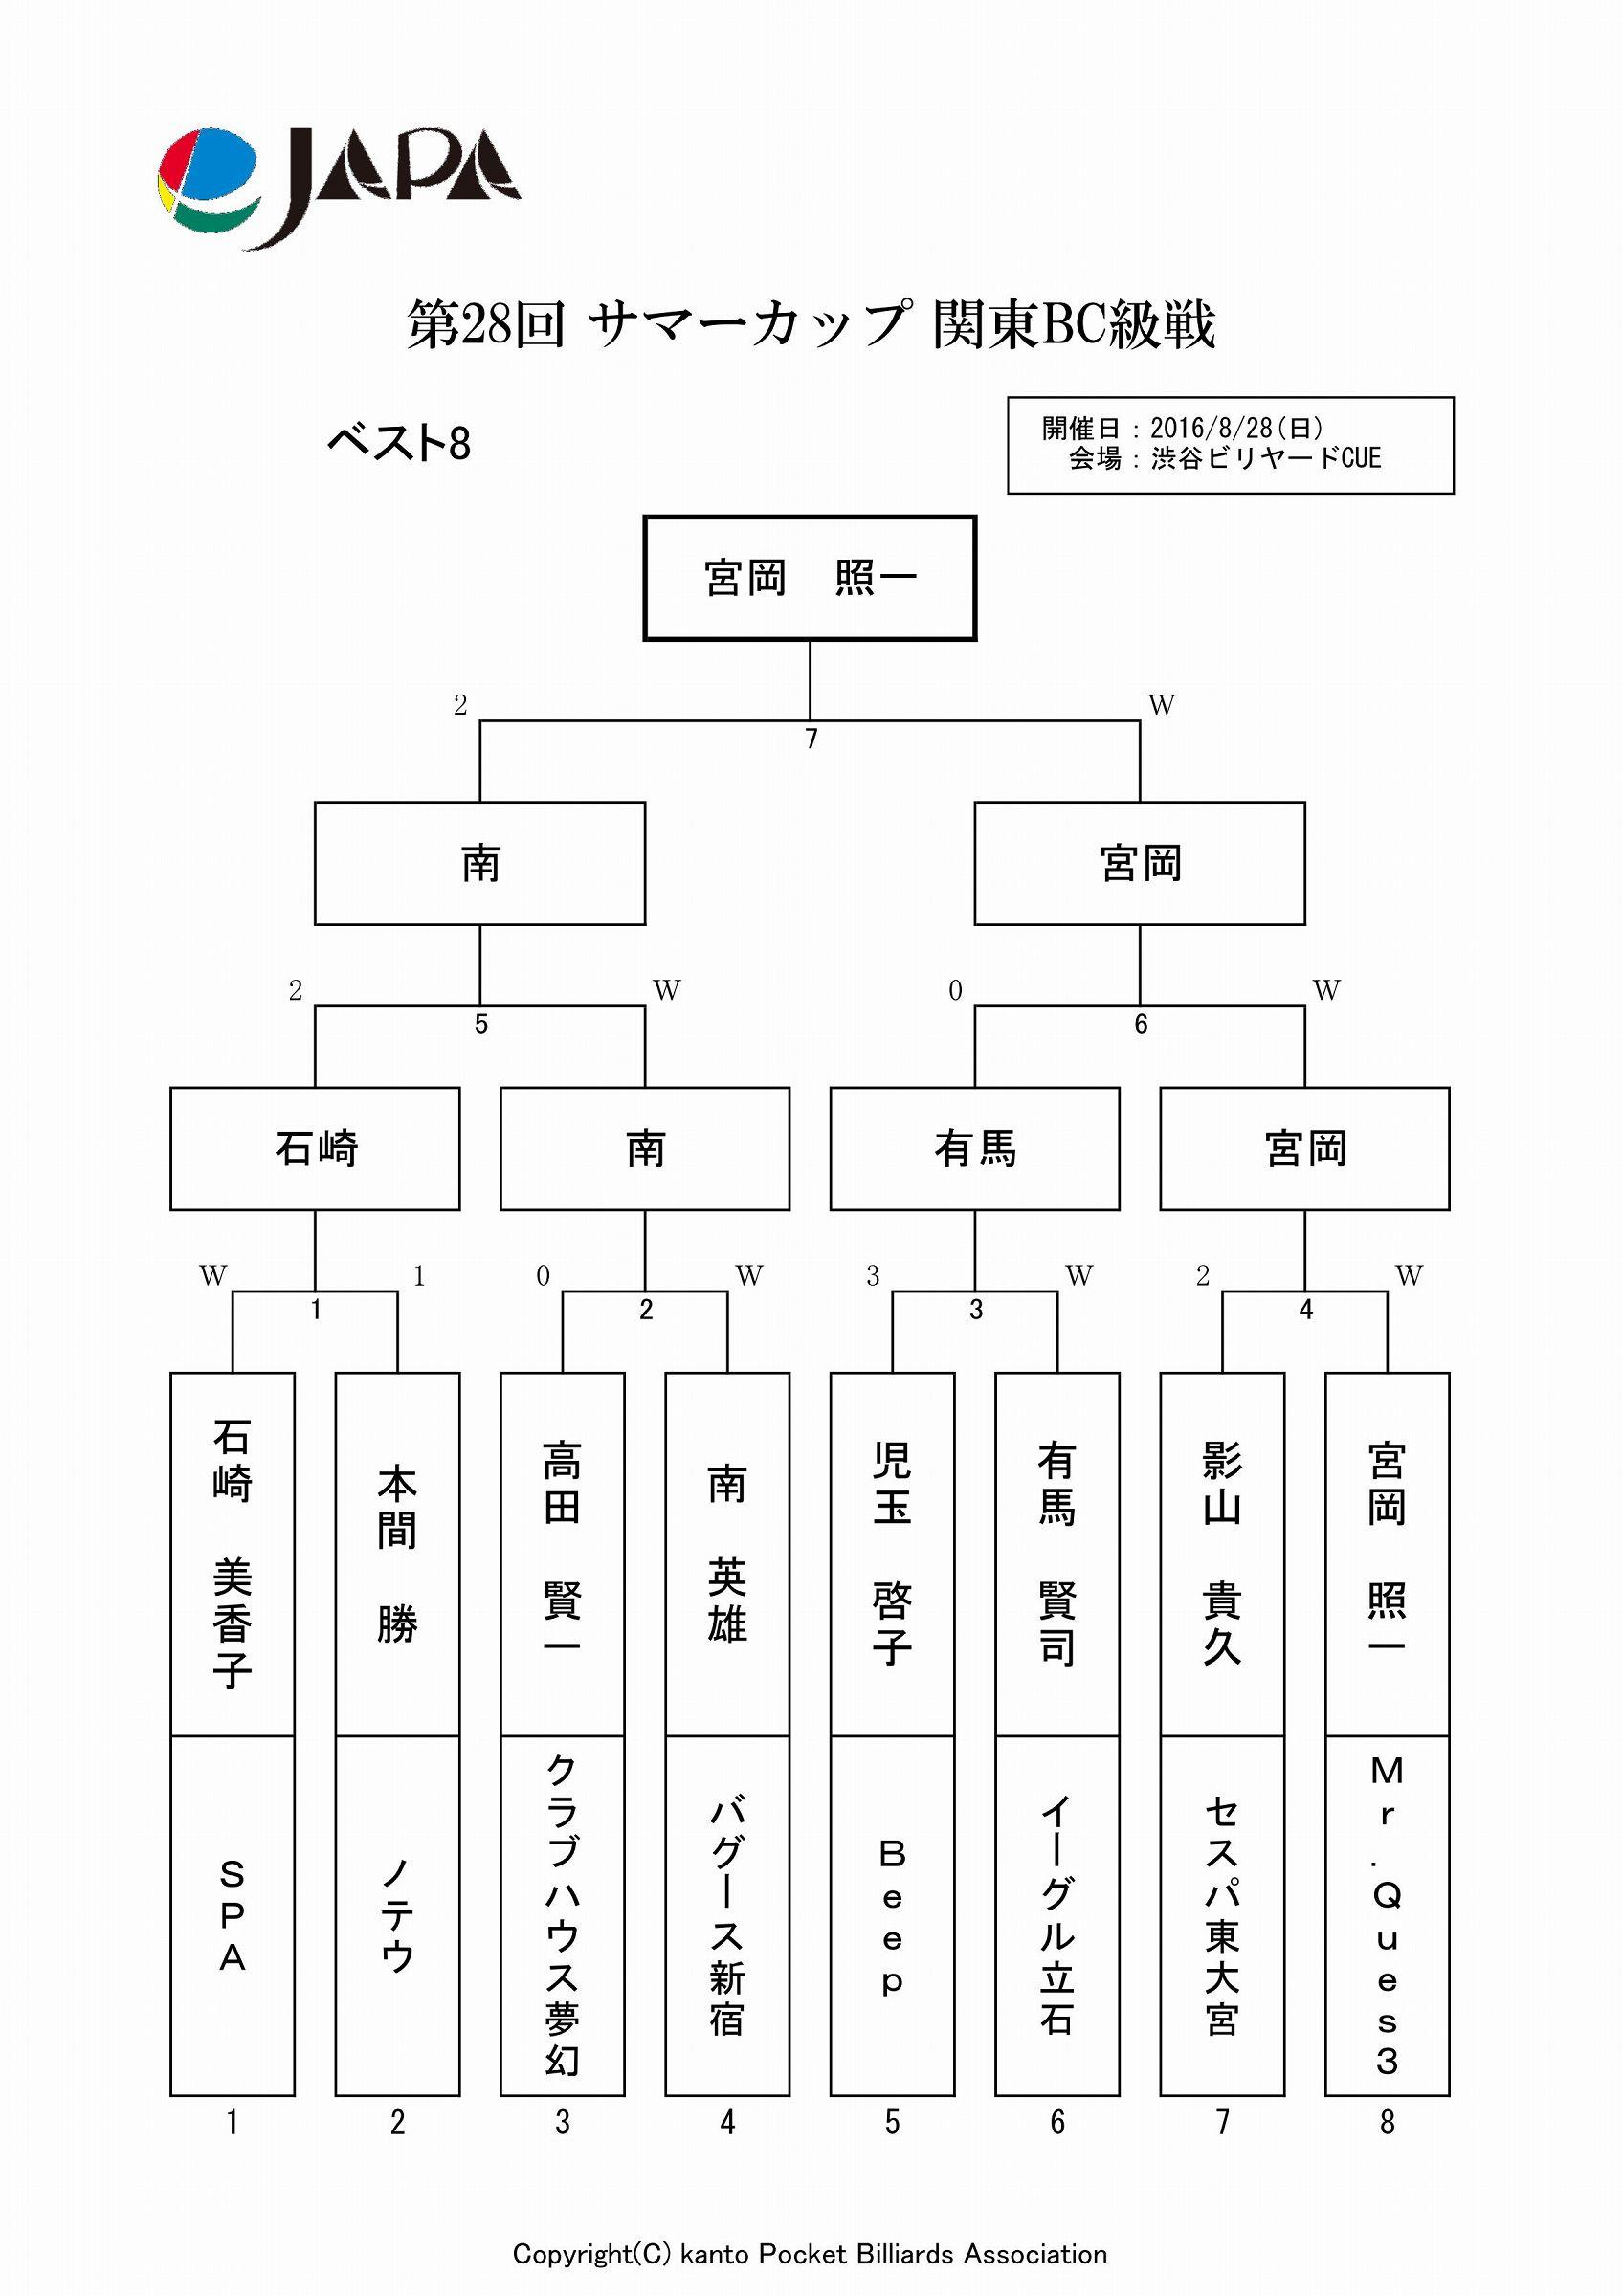 2016_サマーカップ_ベスト8結果_01